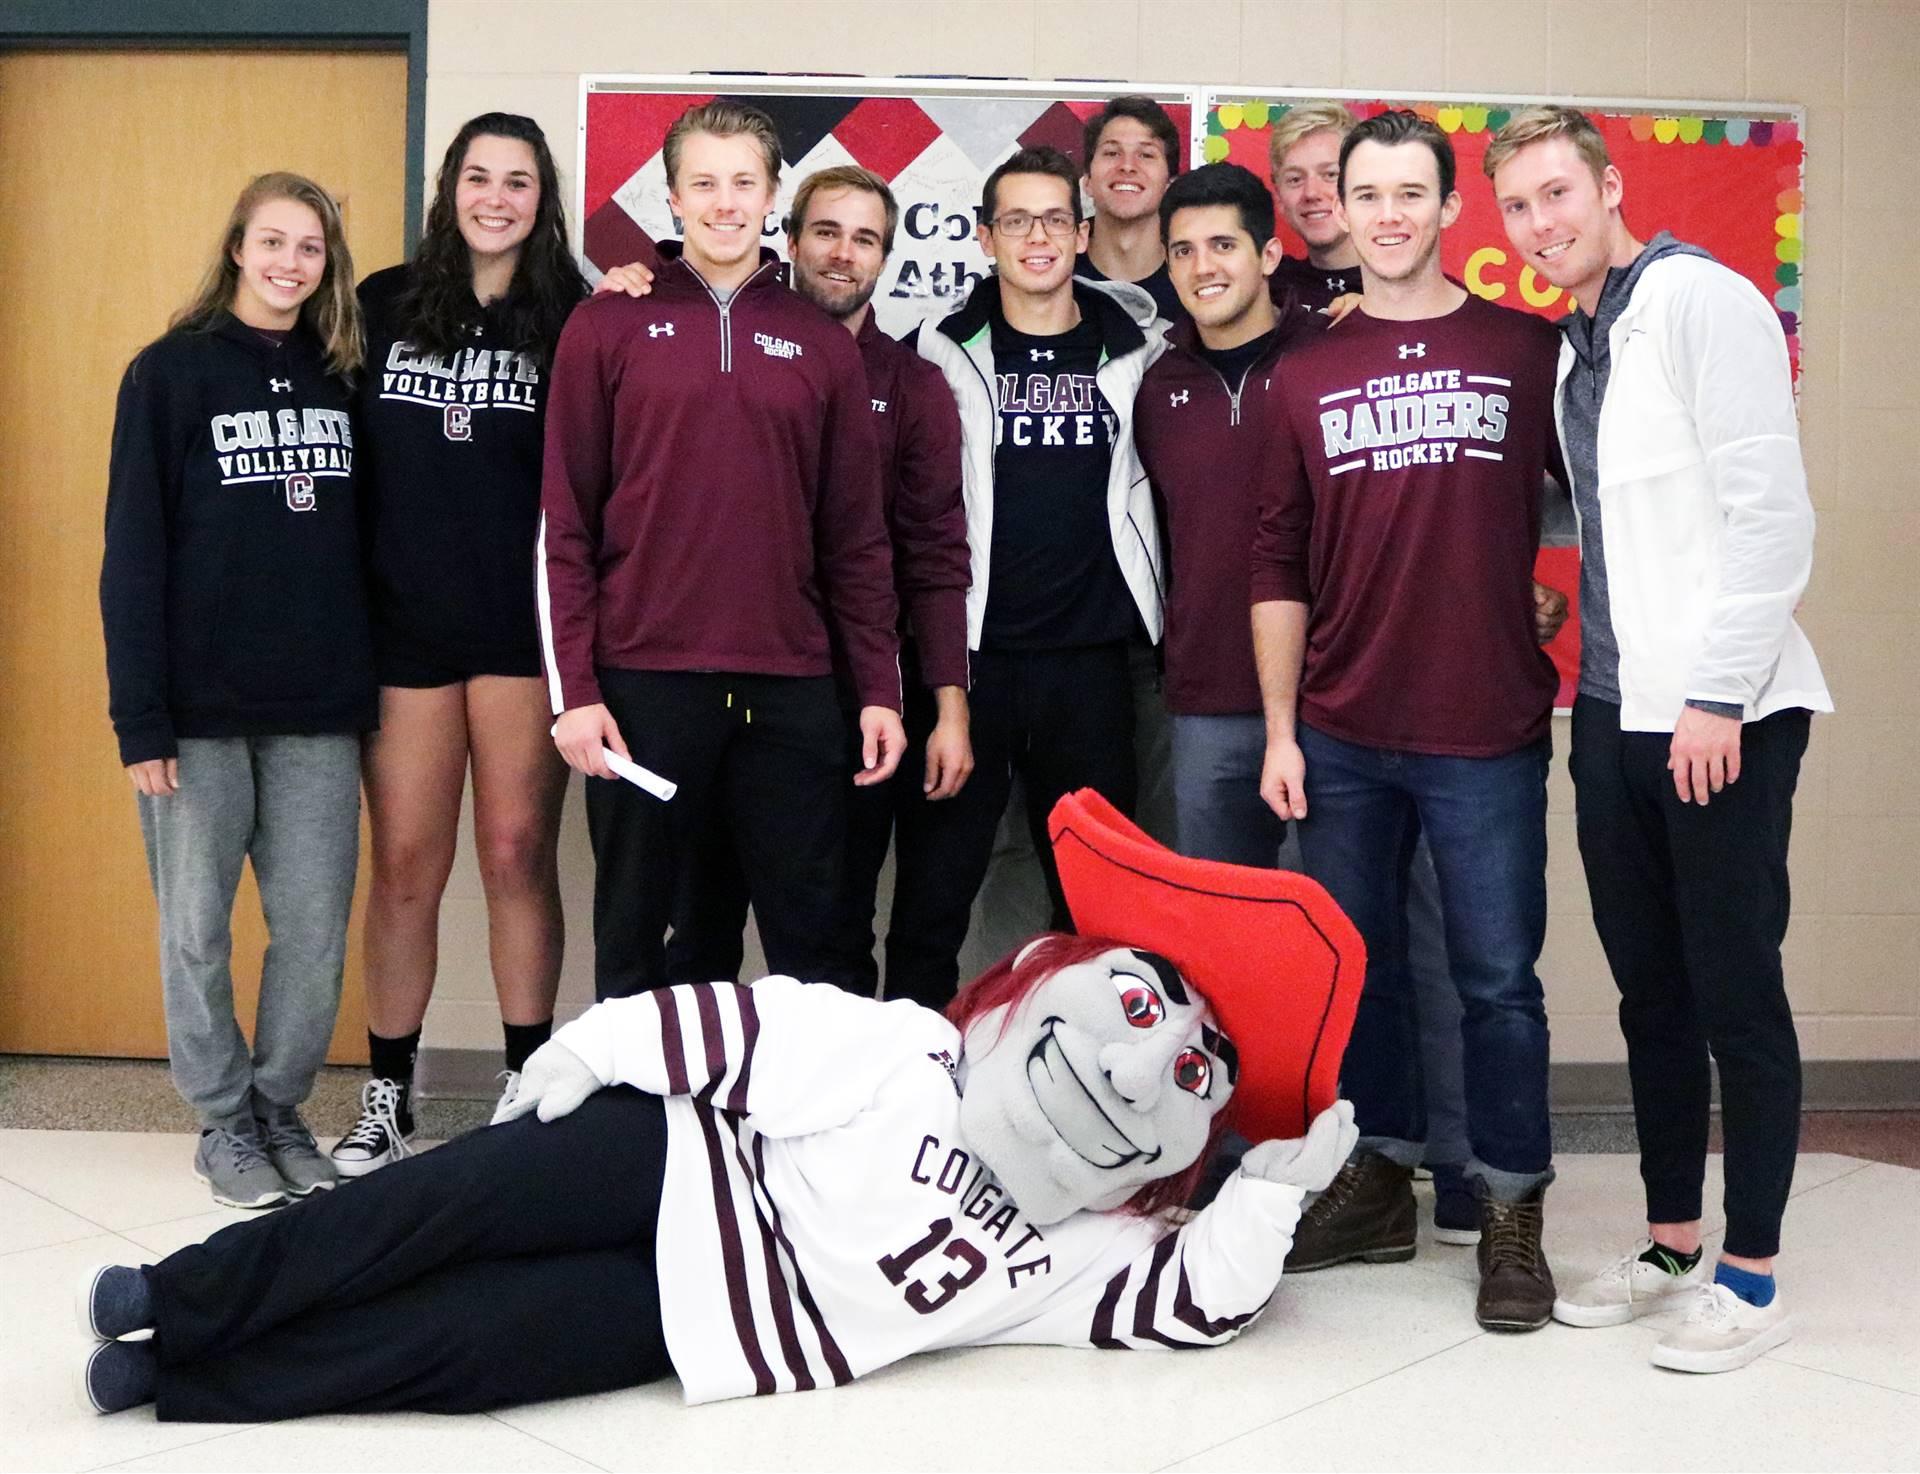 Colgate students & mascot